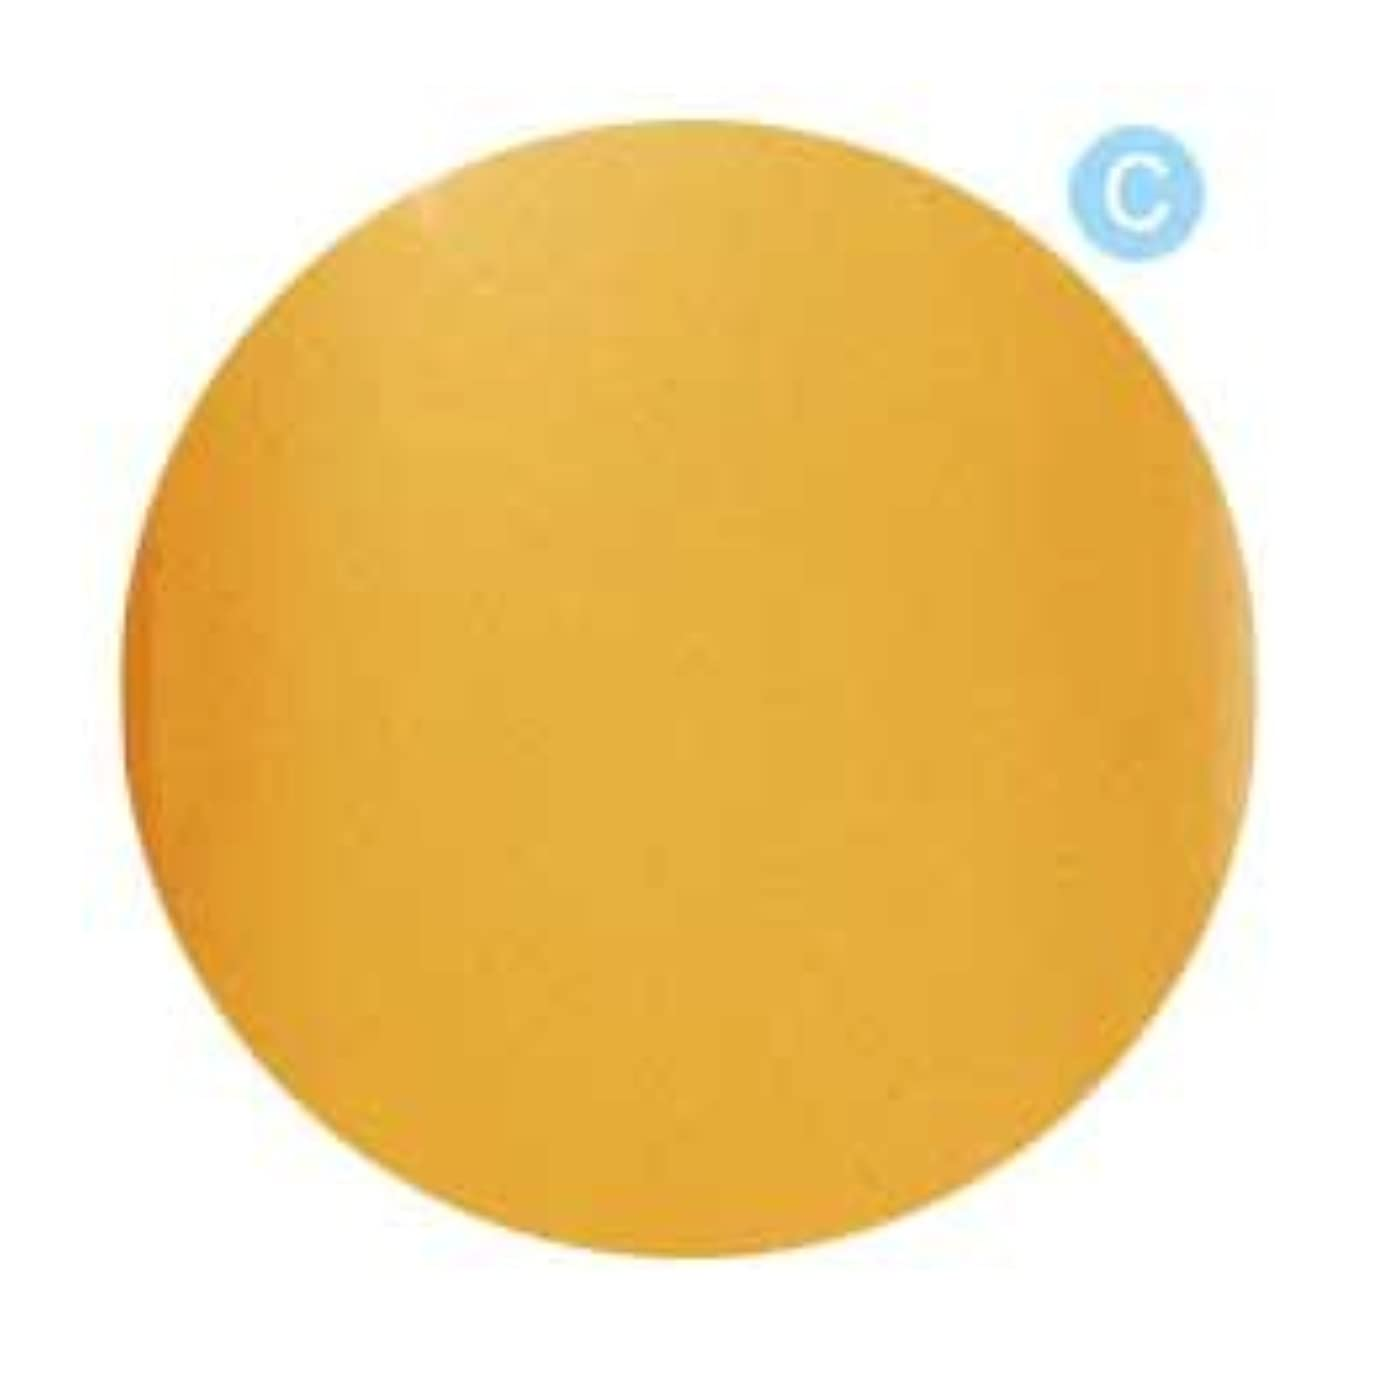 規則性れんがトーストPalms Graceful カラージェル 3g 020 クリアオレンジ